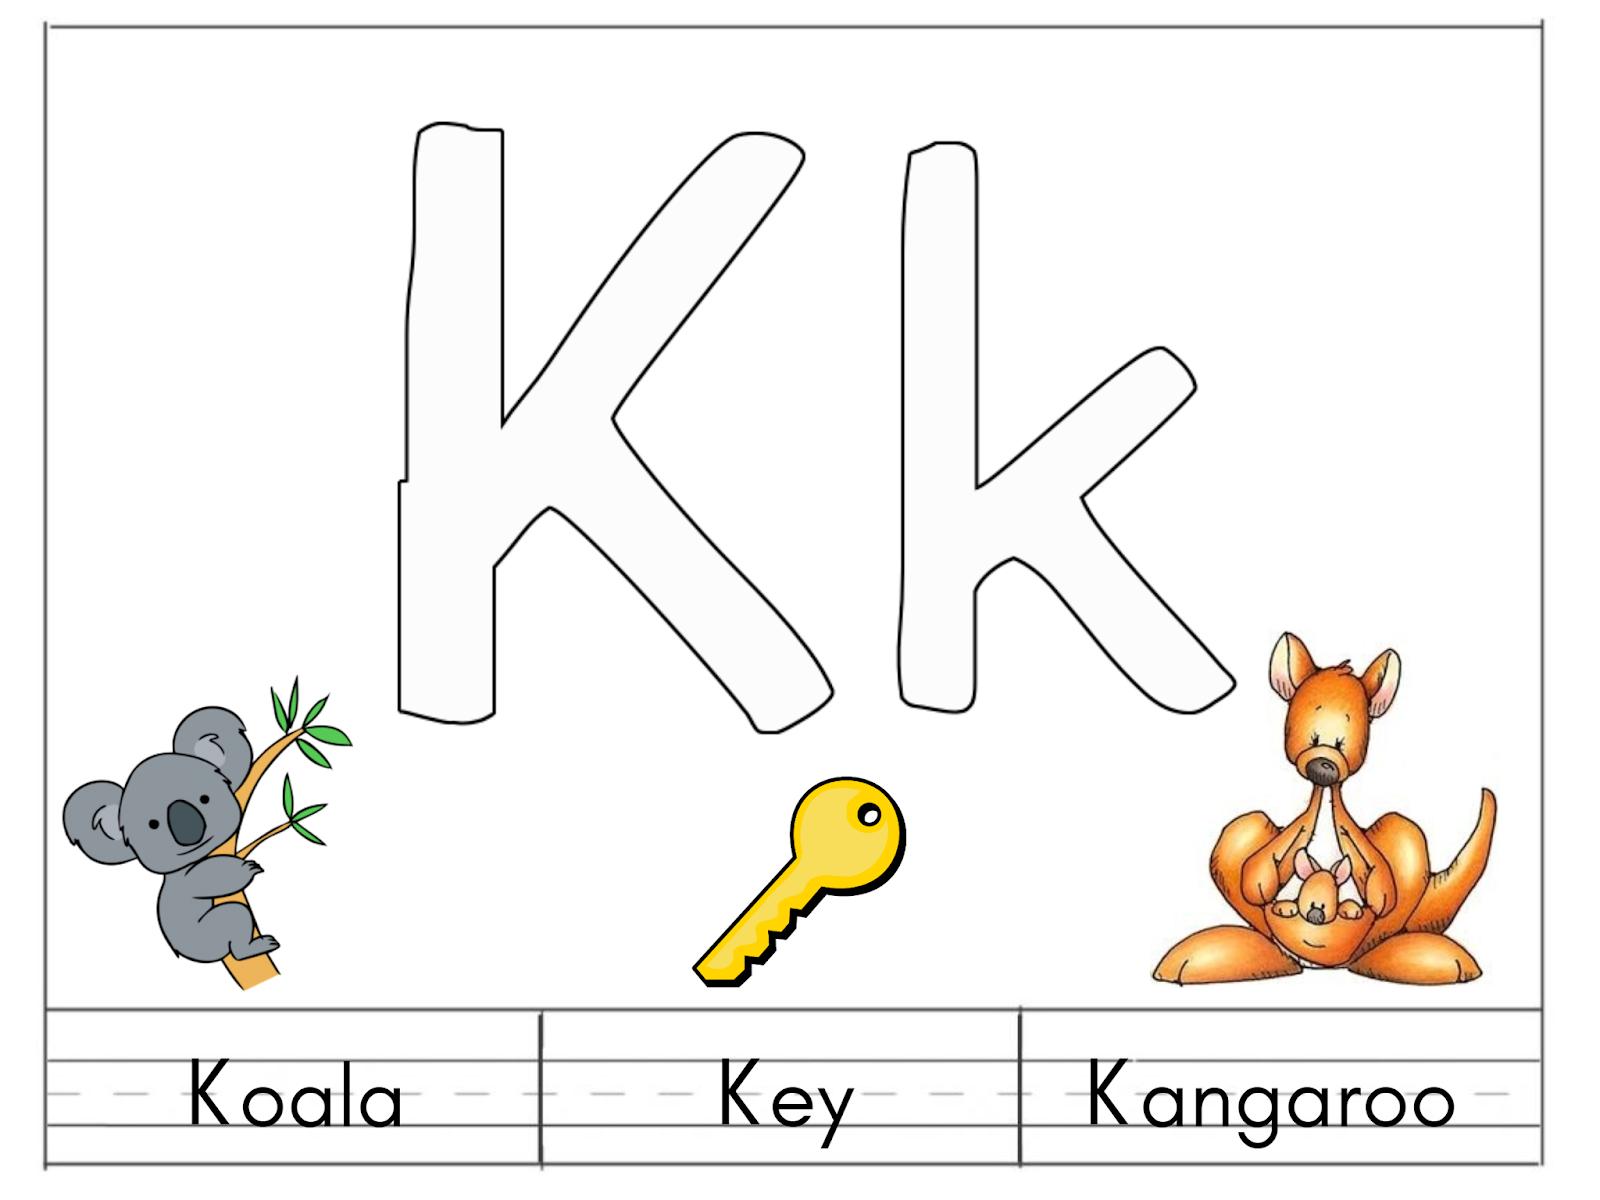 صور كلمات بحرف k , صور و كلمات مزخرفه بحرف k